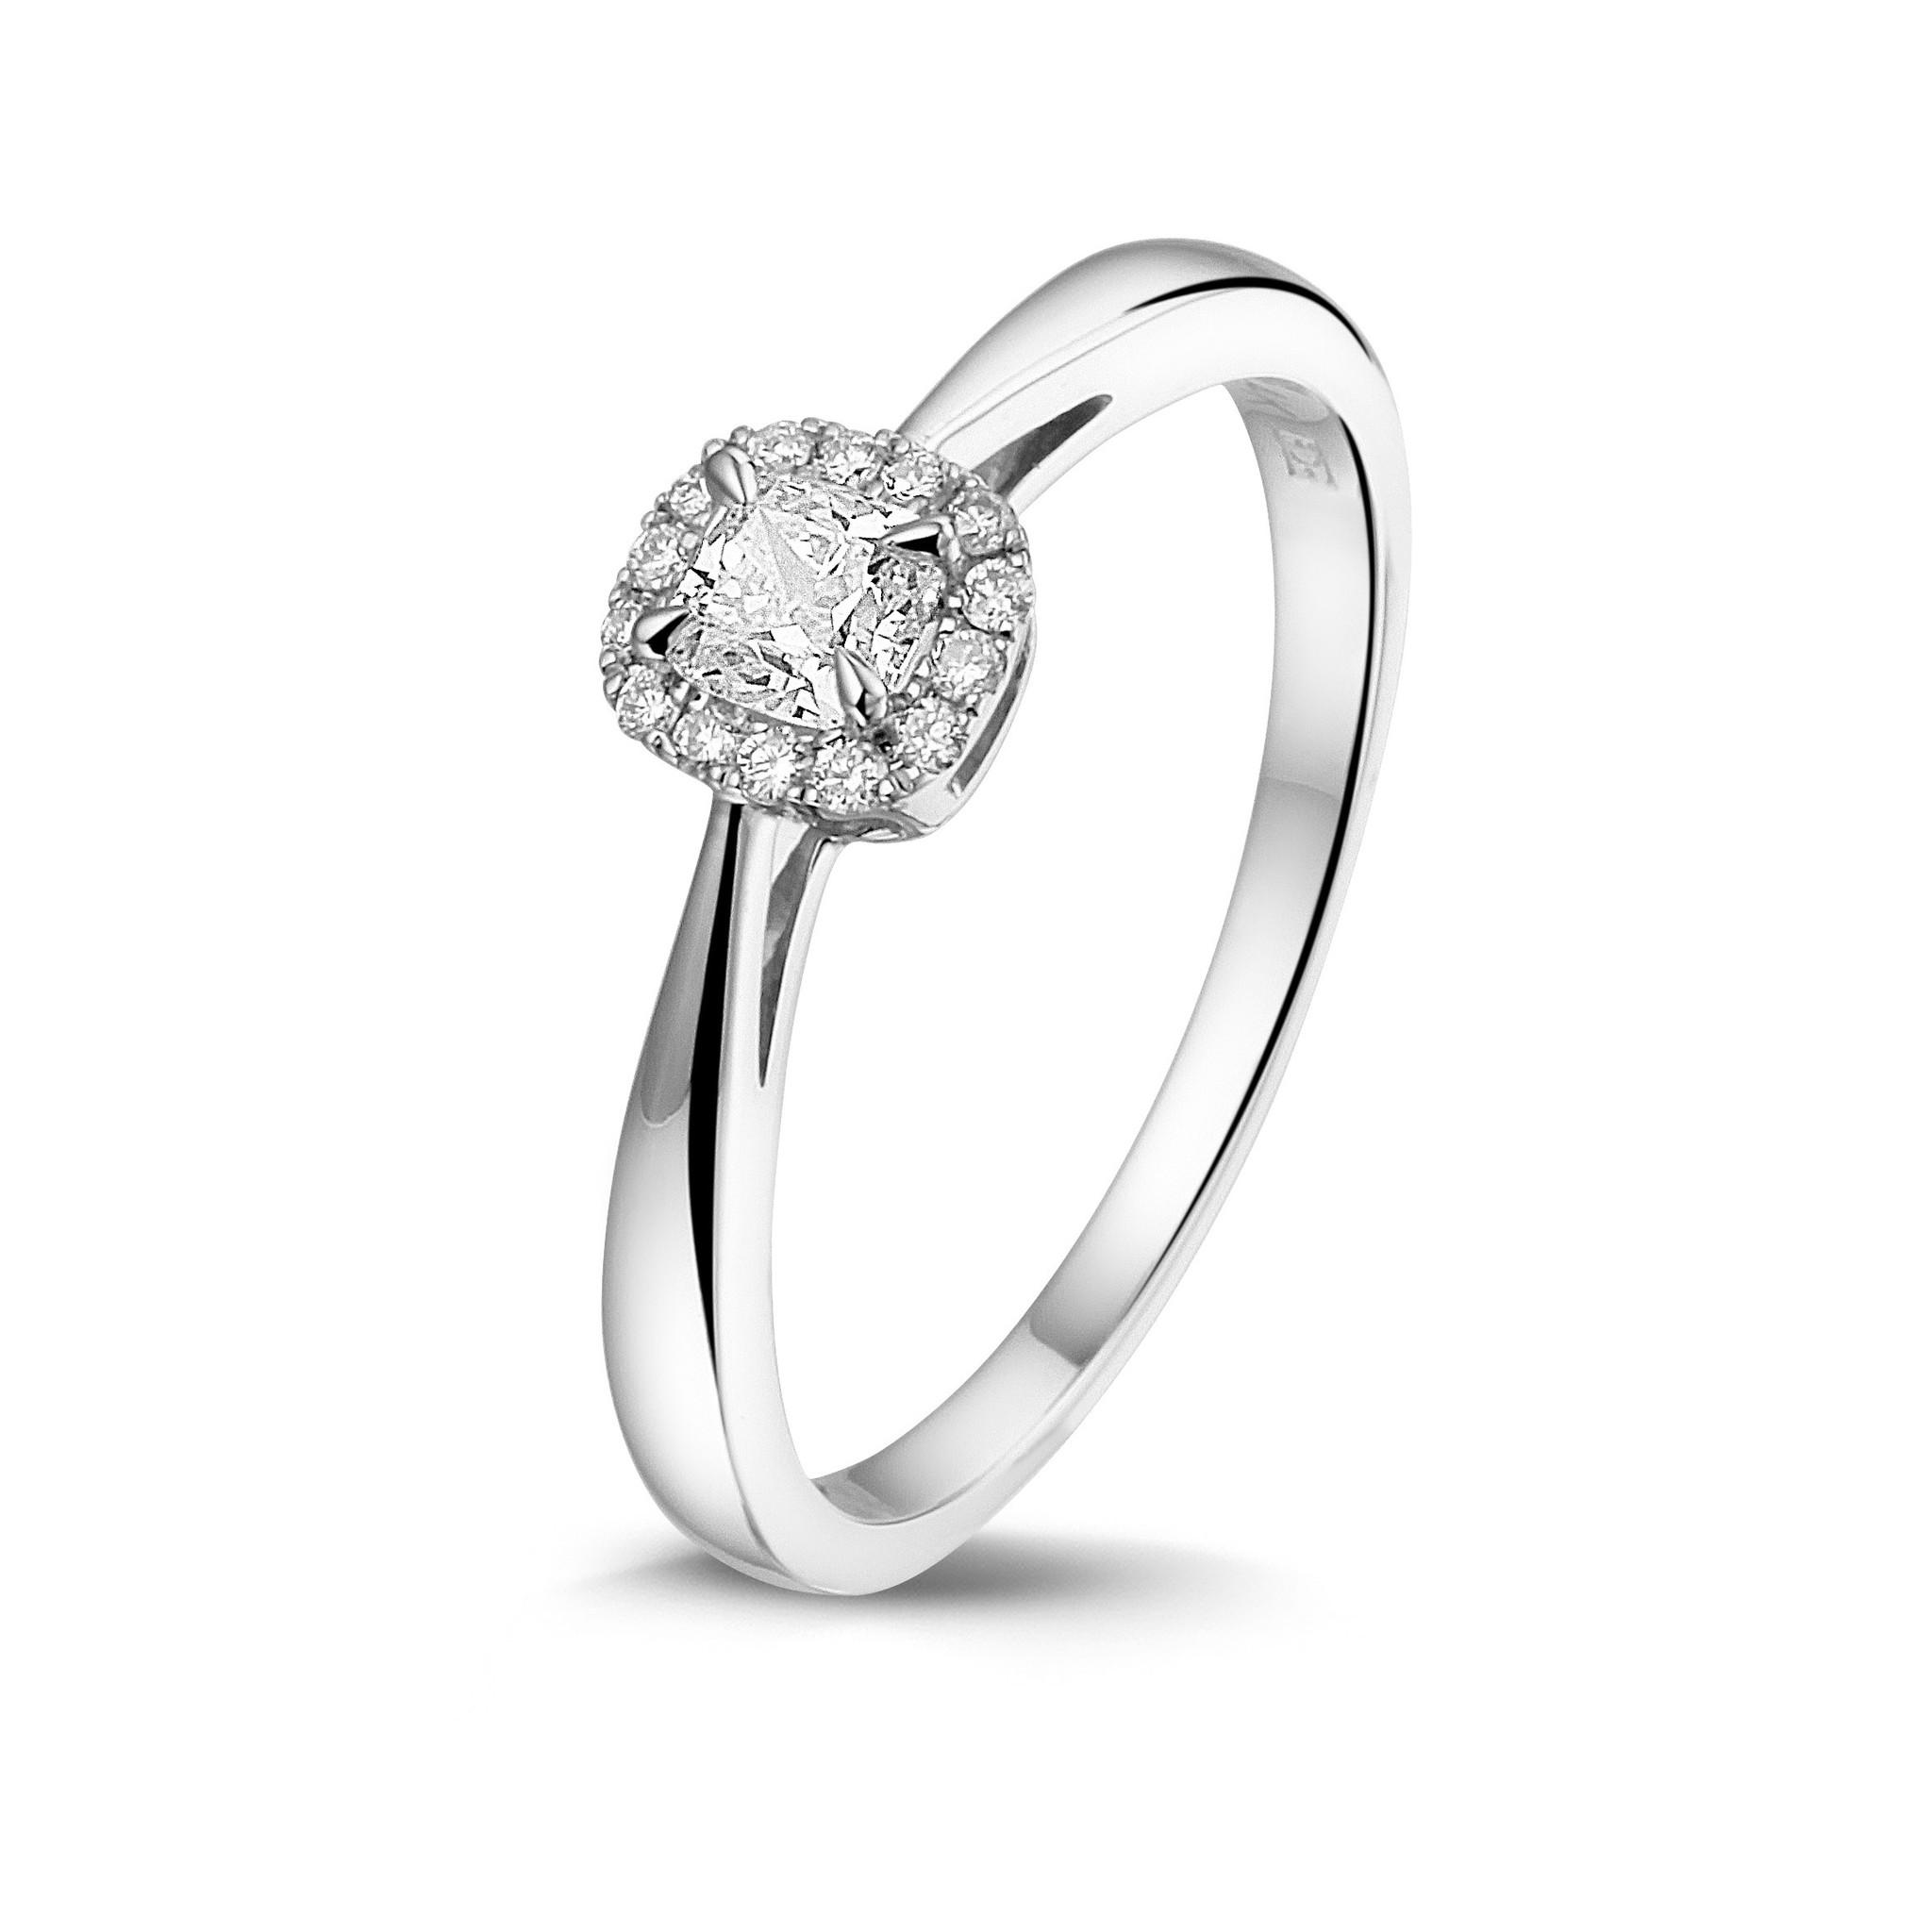 Private Label CvdK Een 14kt. Witgouden entourage ring met cushion diamant van 0,25ct. en 14 briljanten 0,07 ct.  Wesselton/SI